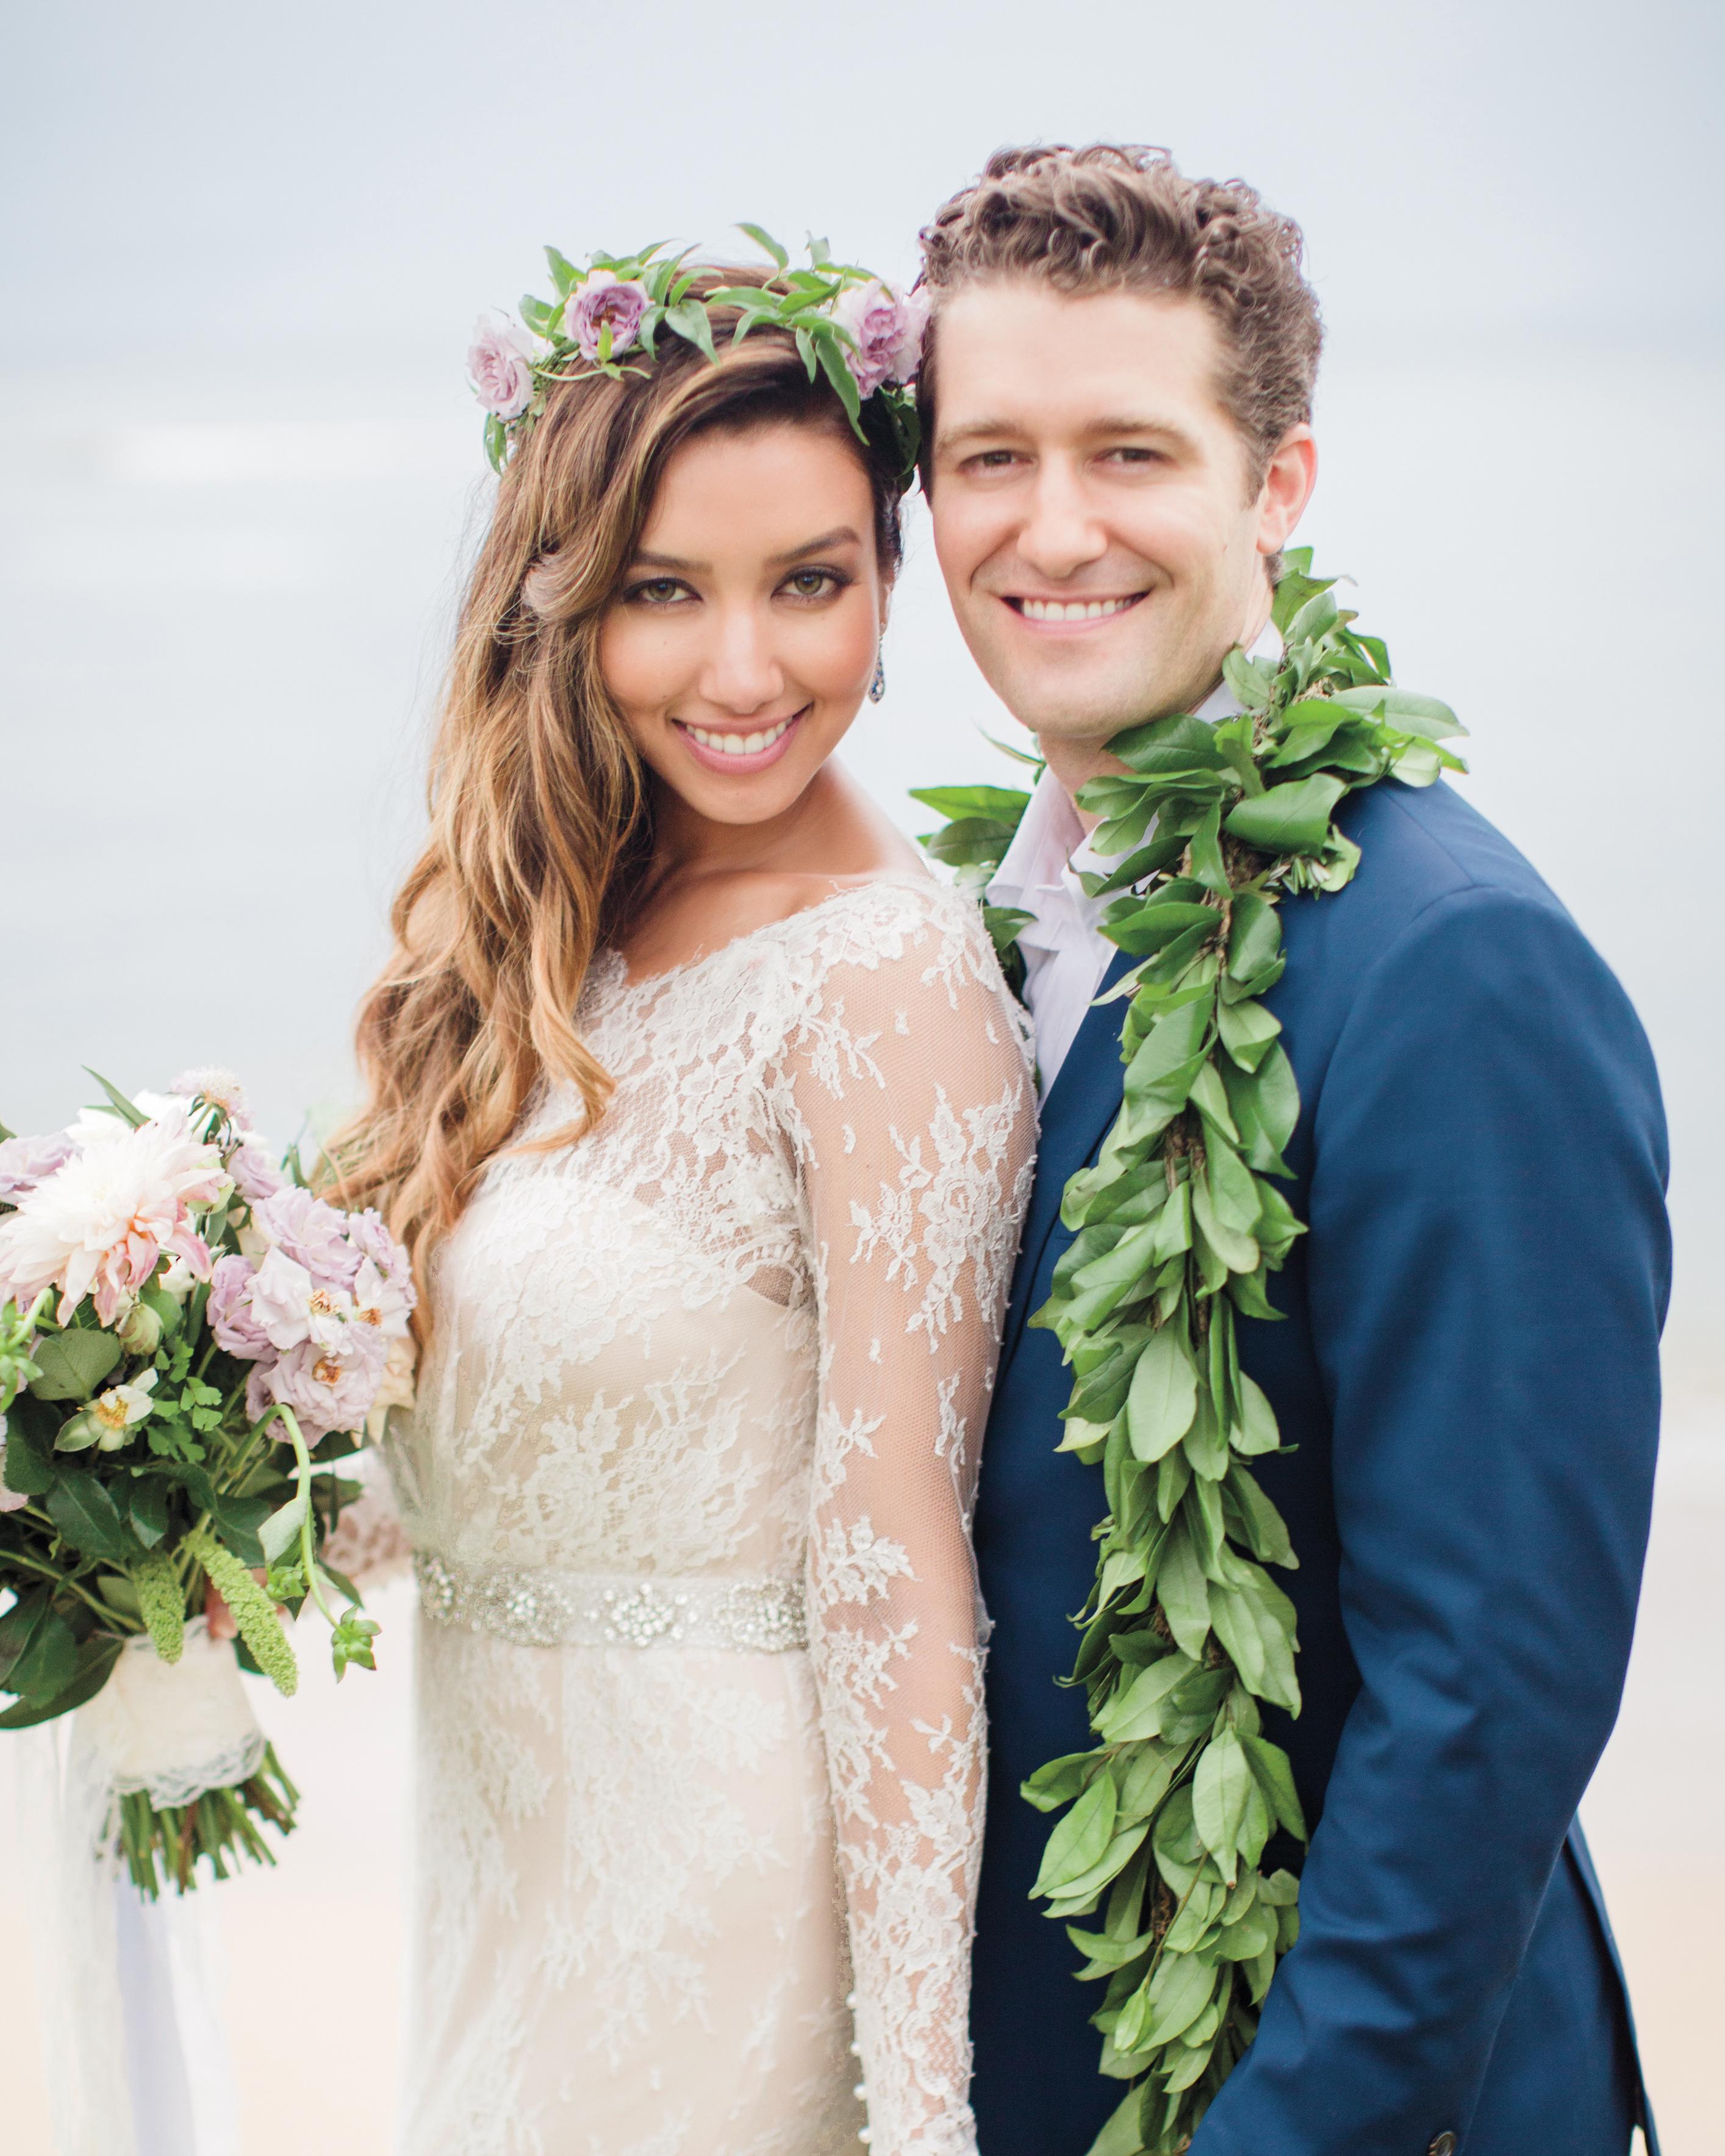 renee-matthew-wedding-maui-hawaii-w5646-s111851.jpg